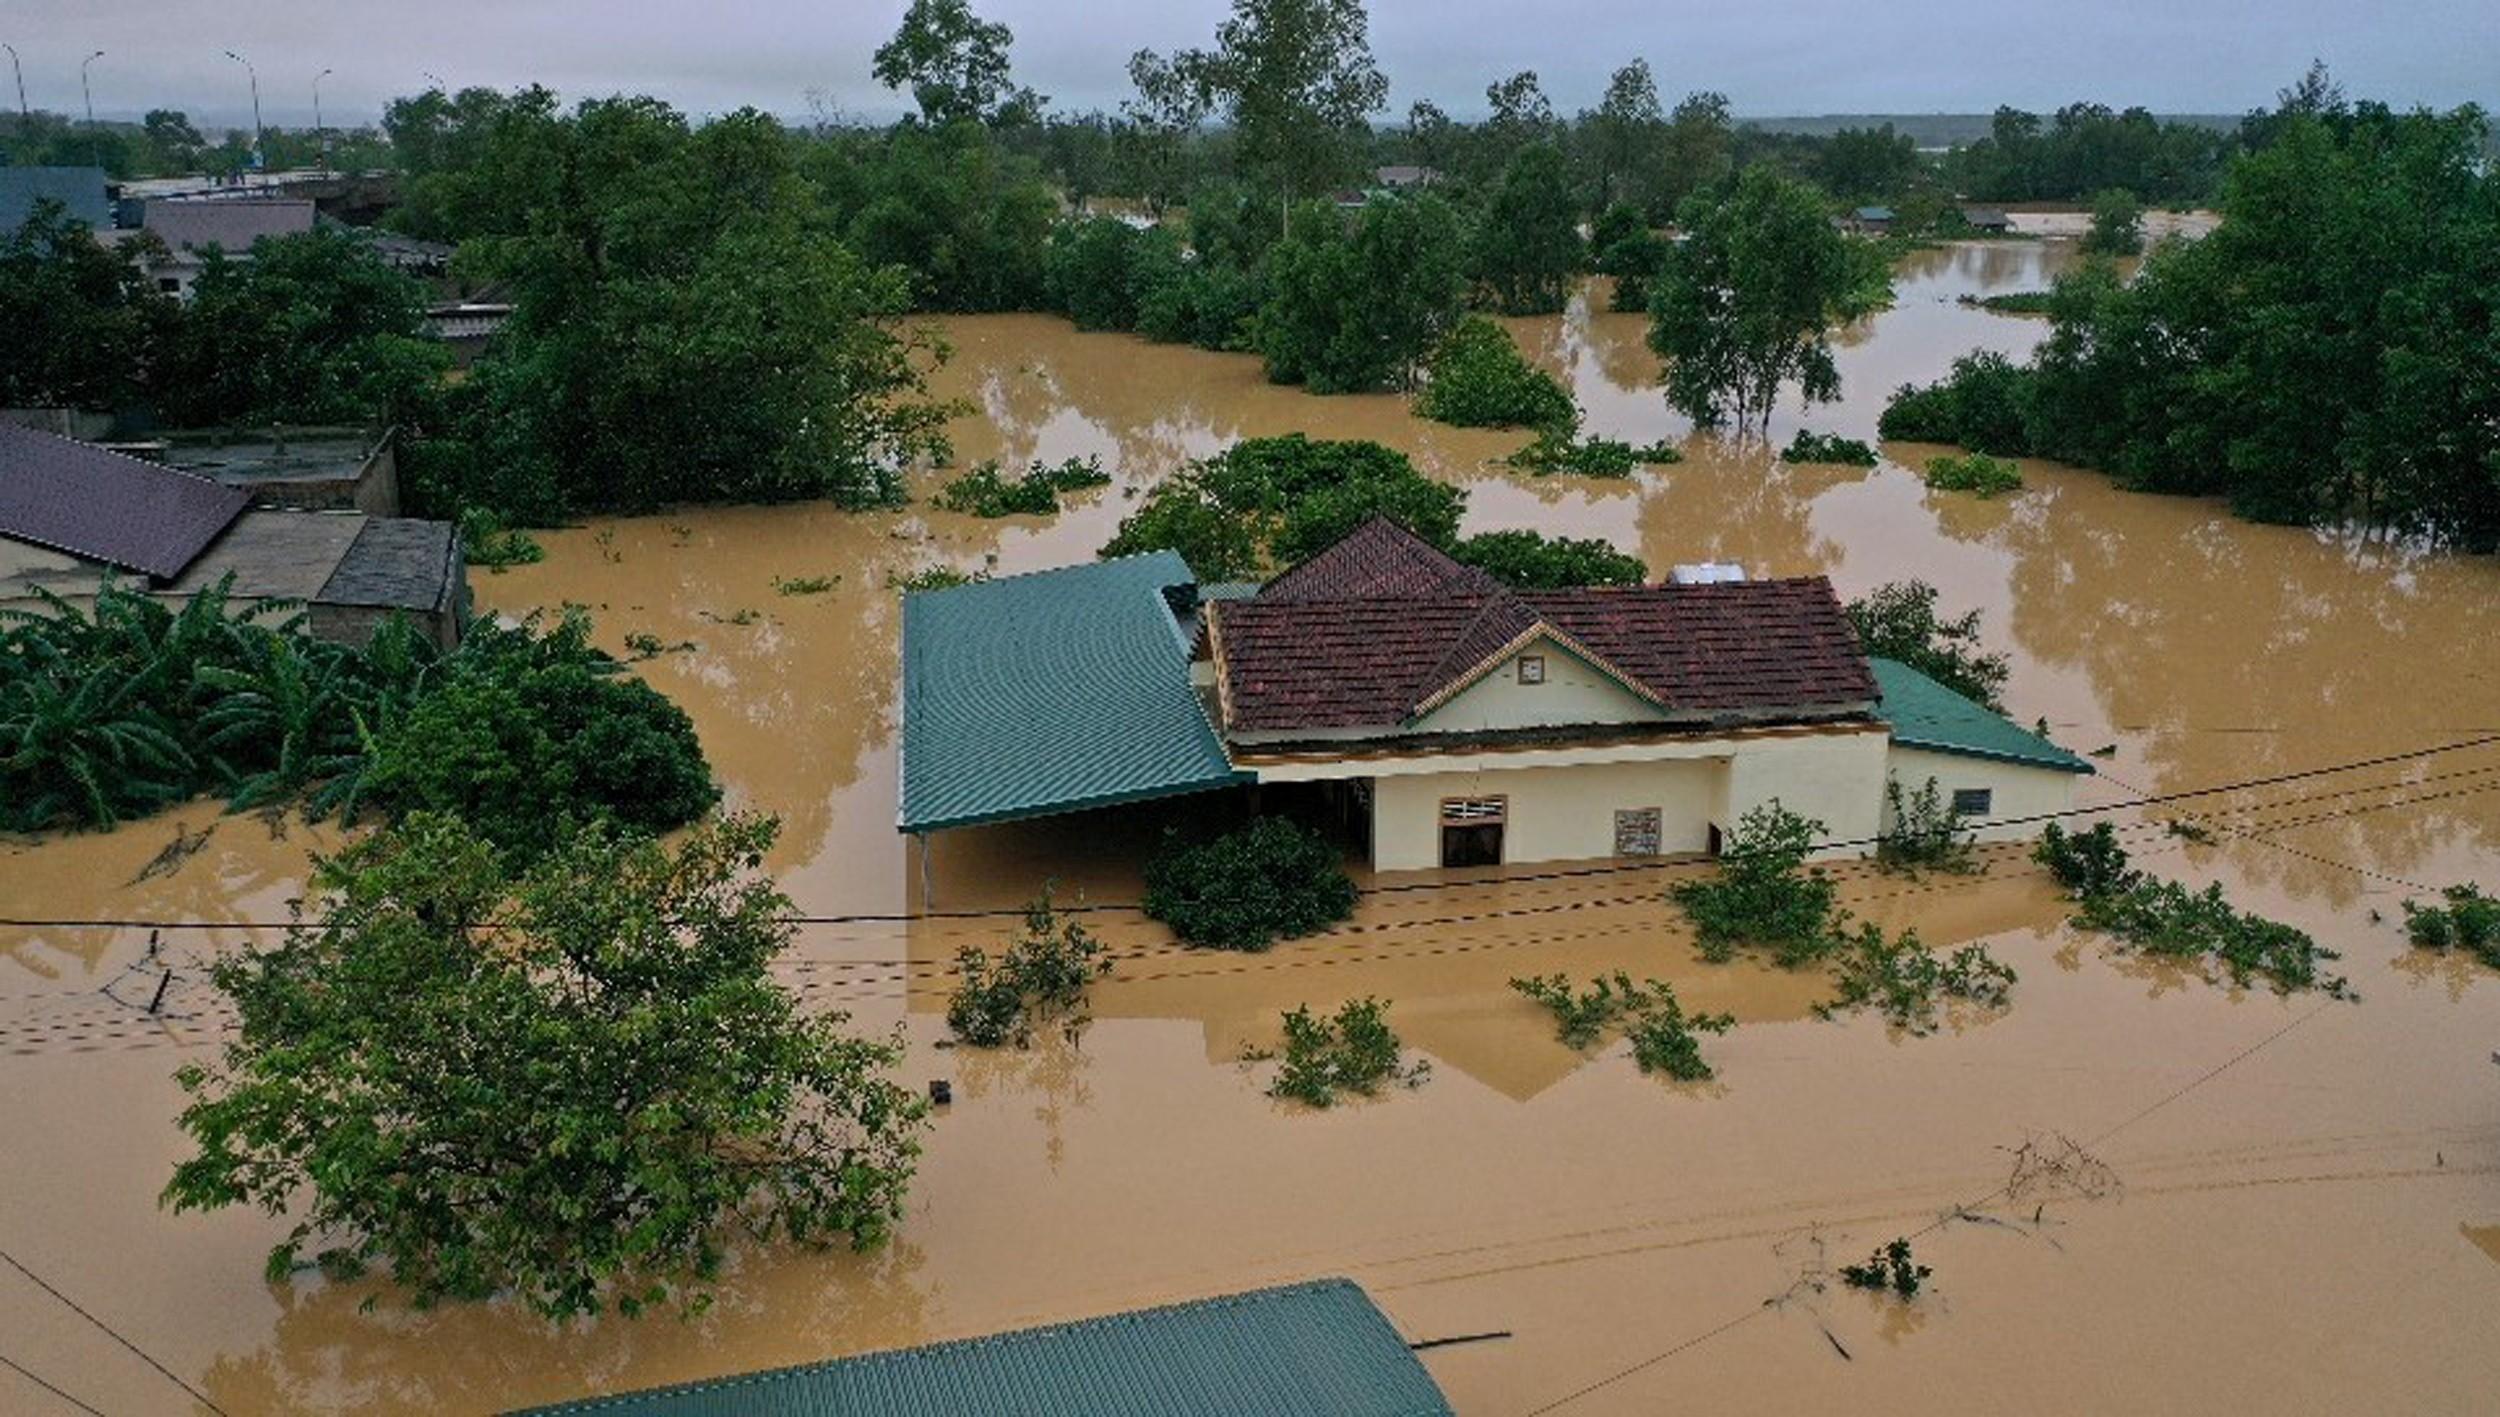 Deslizamento de terra no Vietnã mata 11 soldados e 11 estão desaparecidos